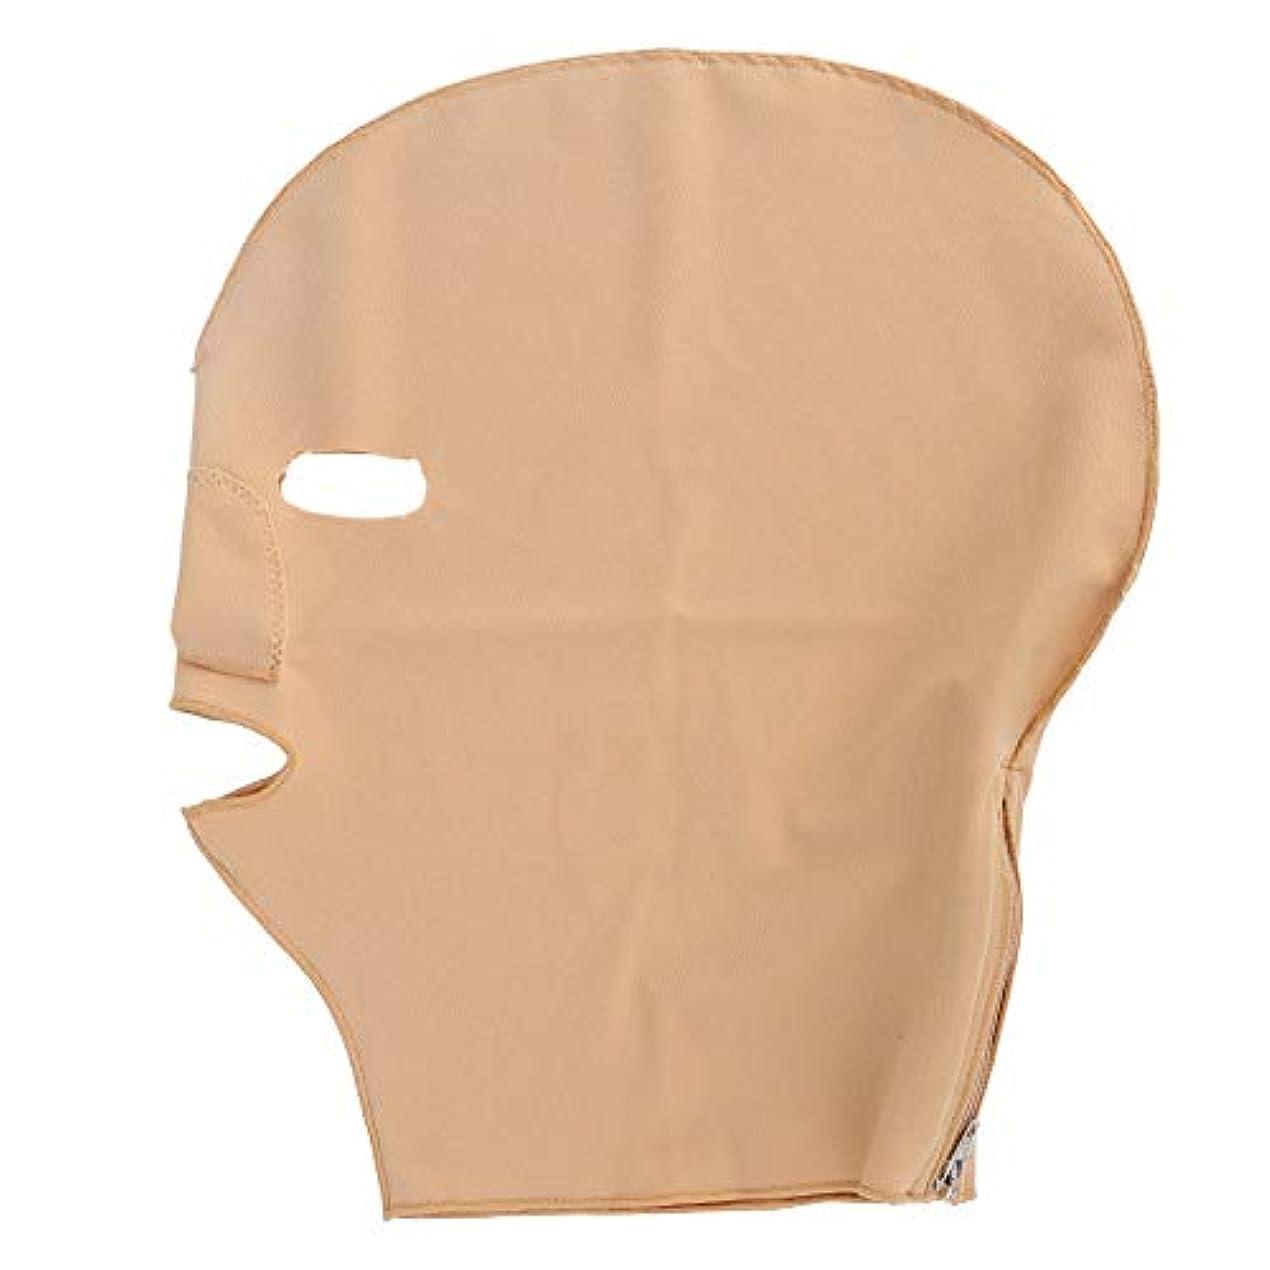 起訴する関係協会V字型スリーピングフェイスリフティングマスク、アンチエイジングのためのチークファーミングタイトラップ美容ストラップ(L)